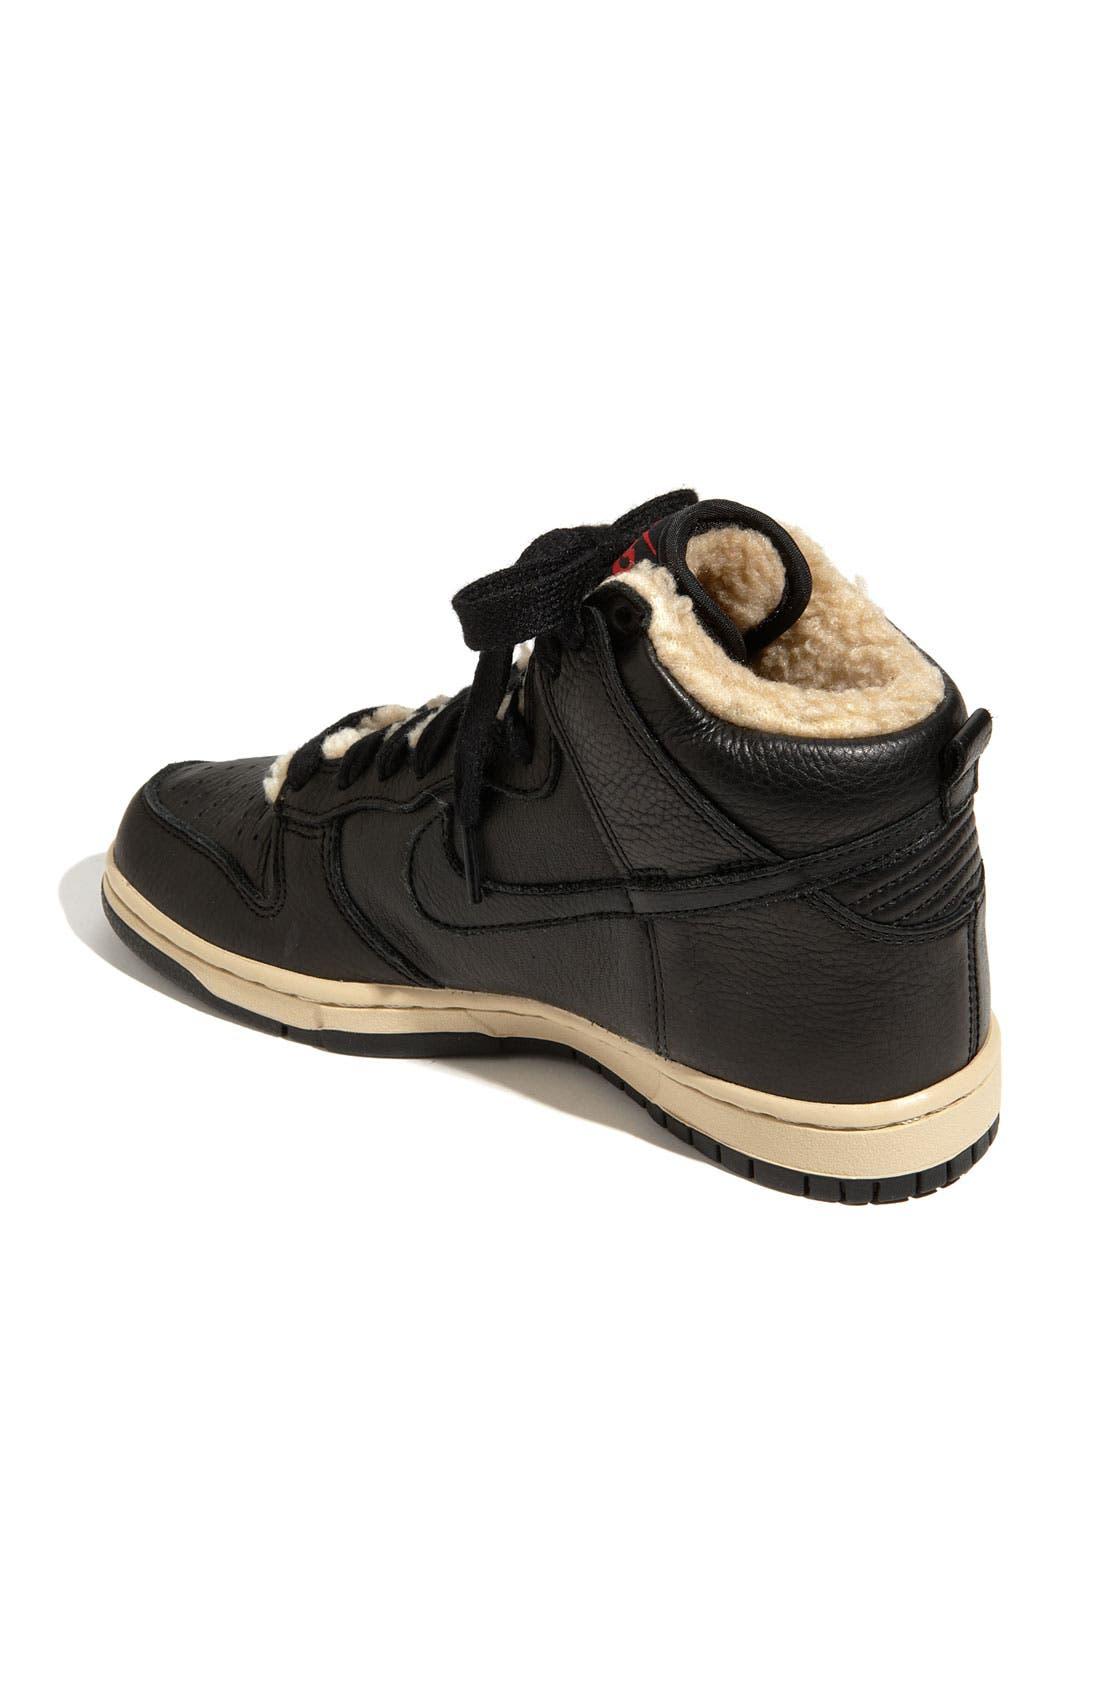 Alternate Image 2  - Nike 'Dunk Hi 6.0 Premium' Sneaker